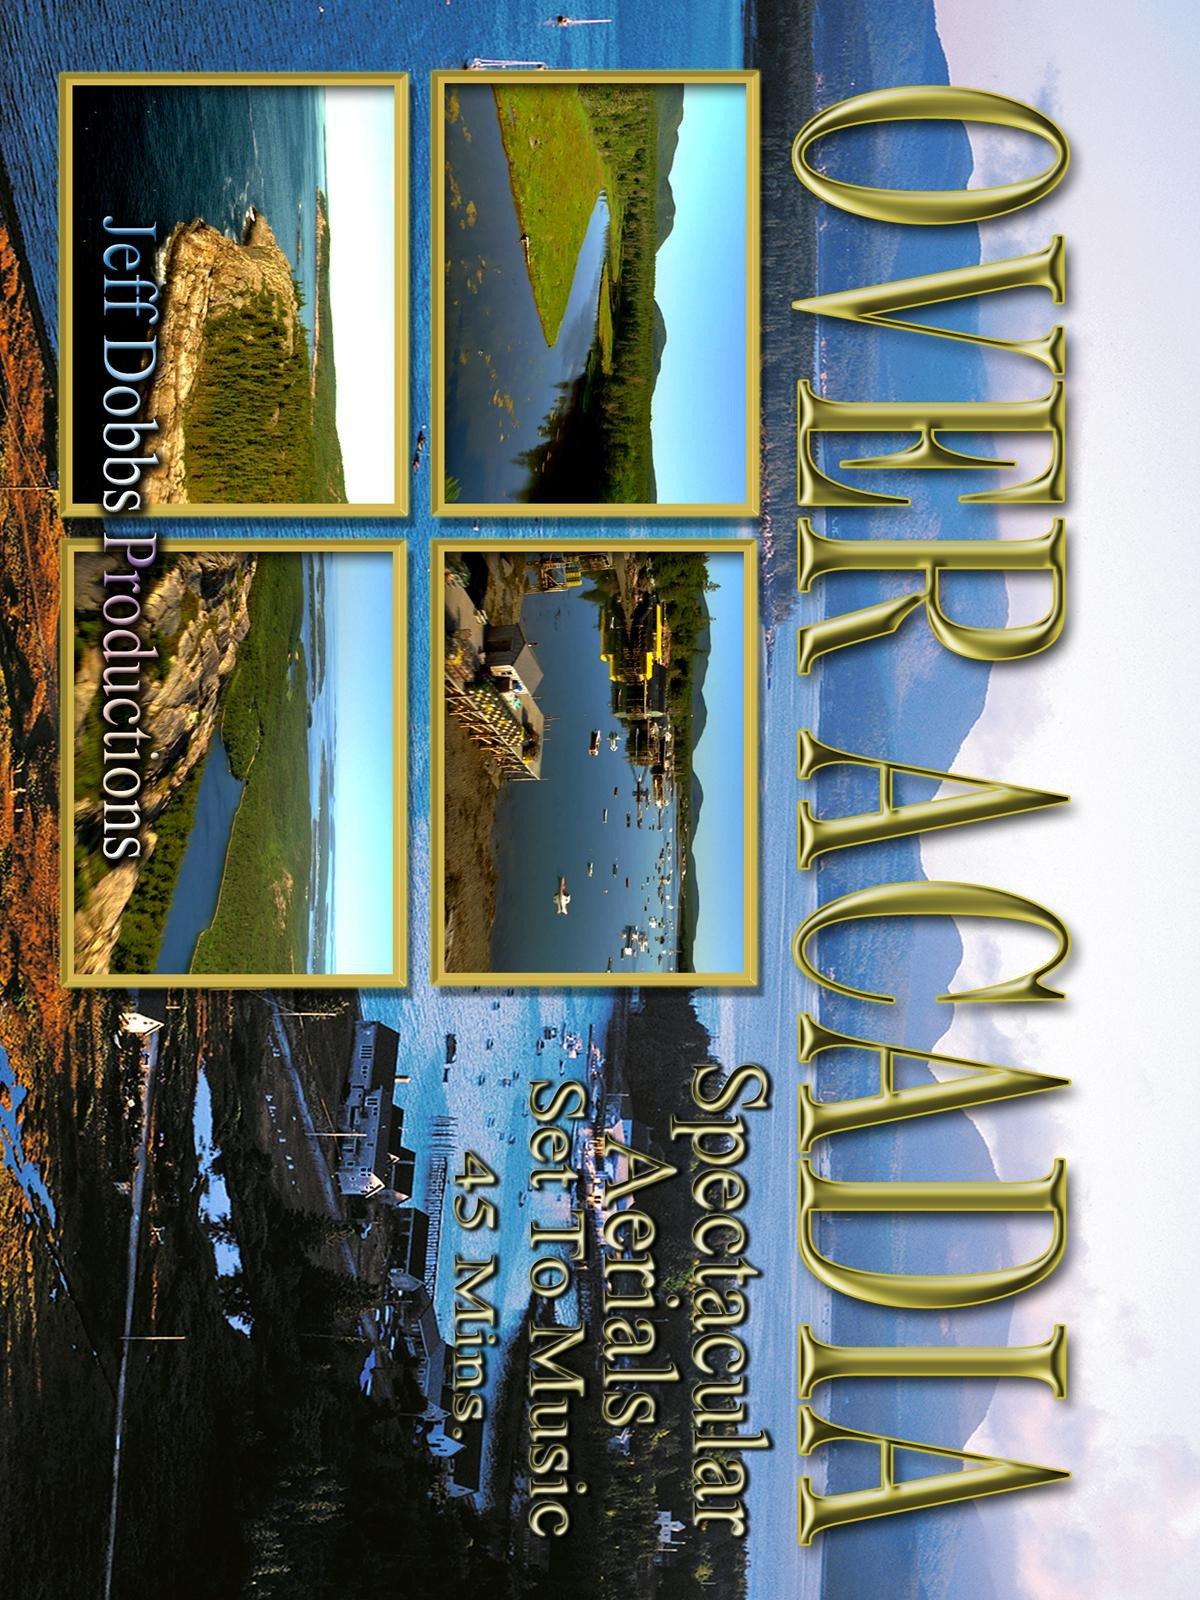 Over Acadia on Amazon Prime Video UK